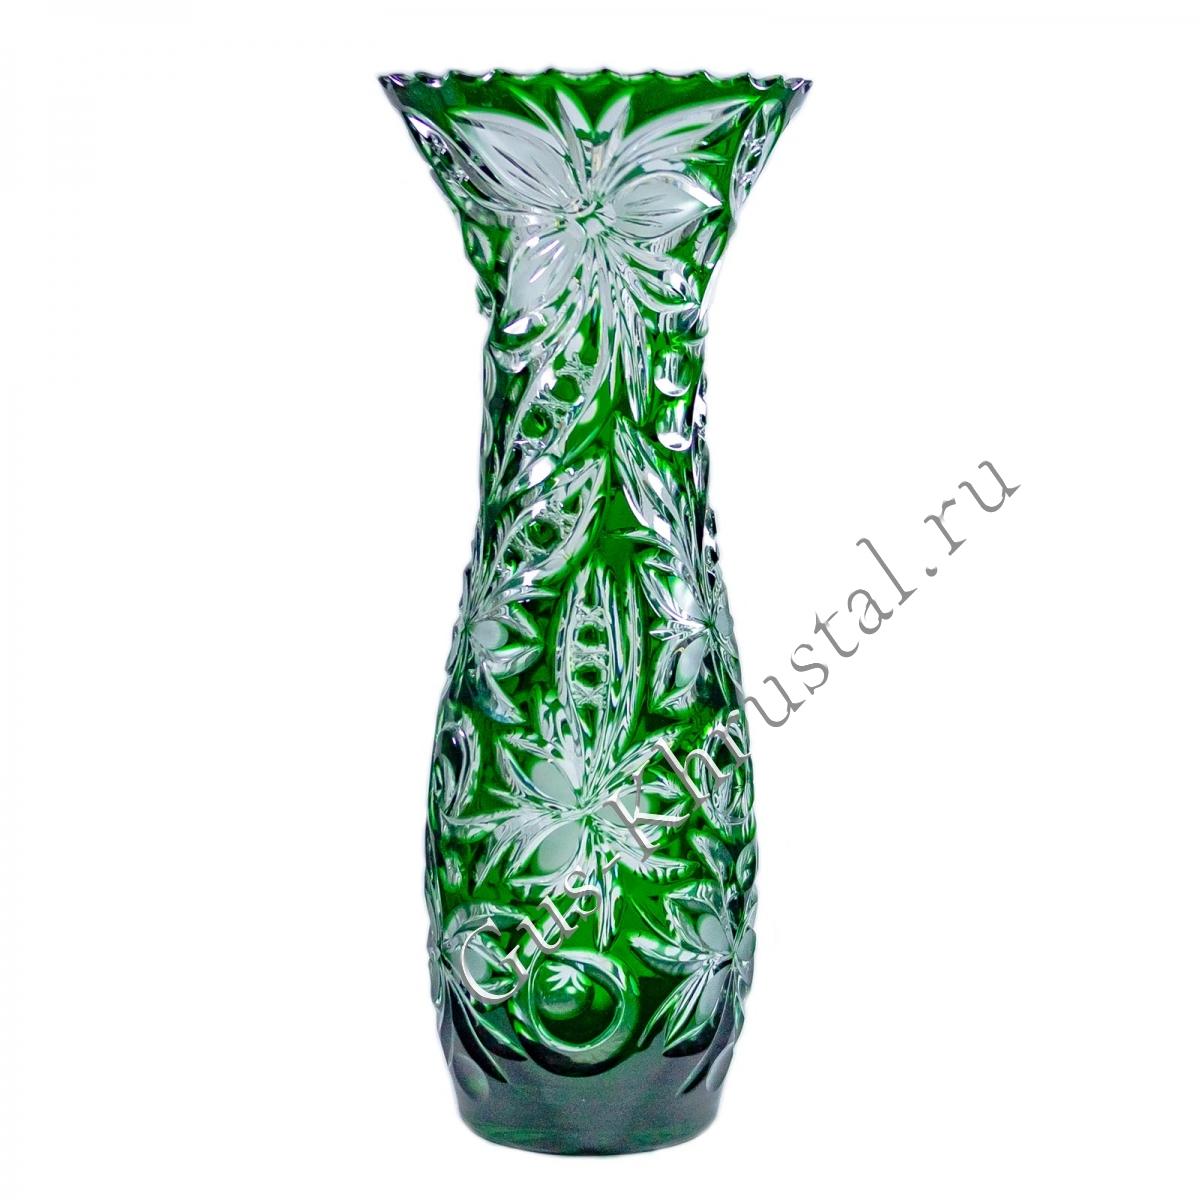 Ваза Хрустальная Для Цветов Натали зеленая